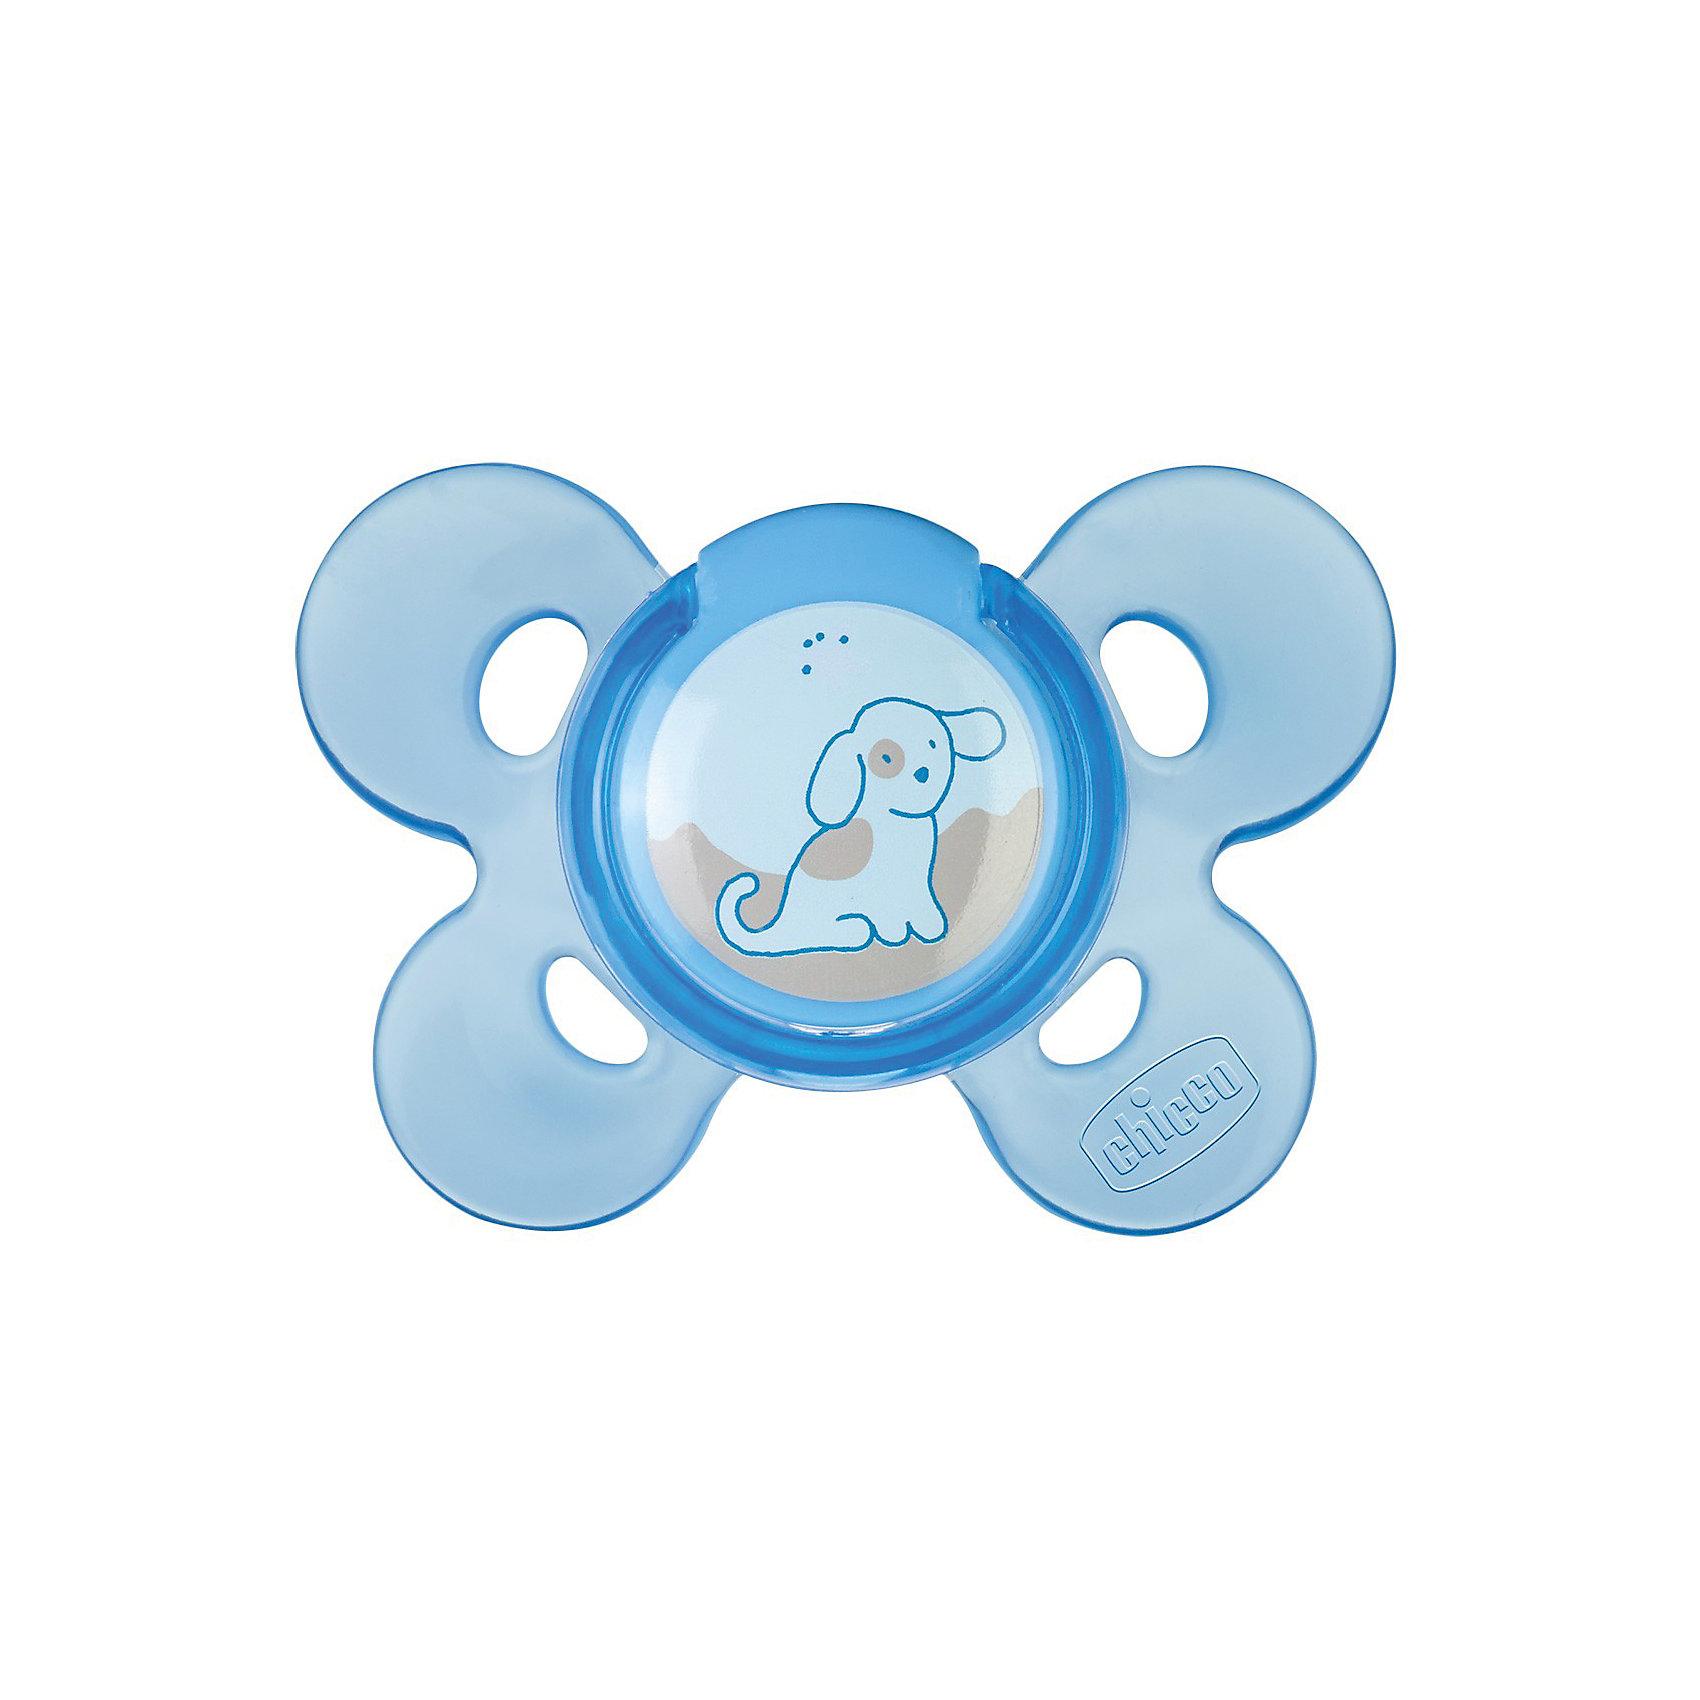 Силиконовая пустышка Physio Comfort 0-6мес., CHICCO, СобачкаУдобная эргономичная пустышка из силикона предназначена специально для маленьких деток!<br>Пустышка способствует правильному развитию неба, языка и зубок. <br><br>Дополнительная информация:<br><br>- Возраст: от 0 до 6 месяцев.<br>- Цвет: голубой.<br>- Материал: силикон.<br><br>Купить пустышку Physio Comfort Собачка (0-6 мес.) в голубом цвете, можно в нашем магазине.<br><br>Ширина мм: 145<br>Глубина мм: 80<br>Высота мм: 50<br>Вес г: 34<br>Возраст от месяцев: 0<br>Возраст до месяцев: 6<br>Пол: Унисекс<br>Возраст: Детский<br>SKU: 4944252